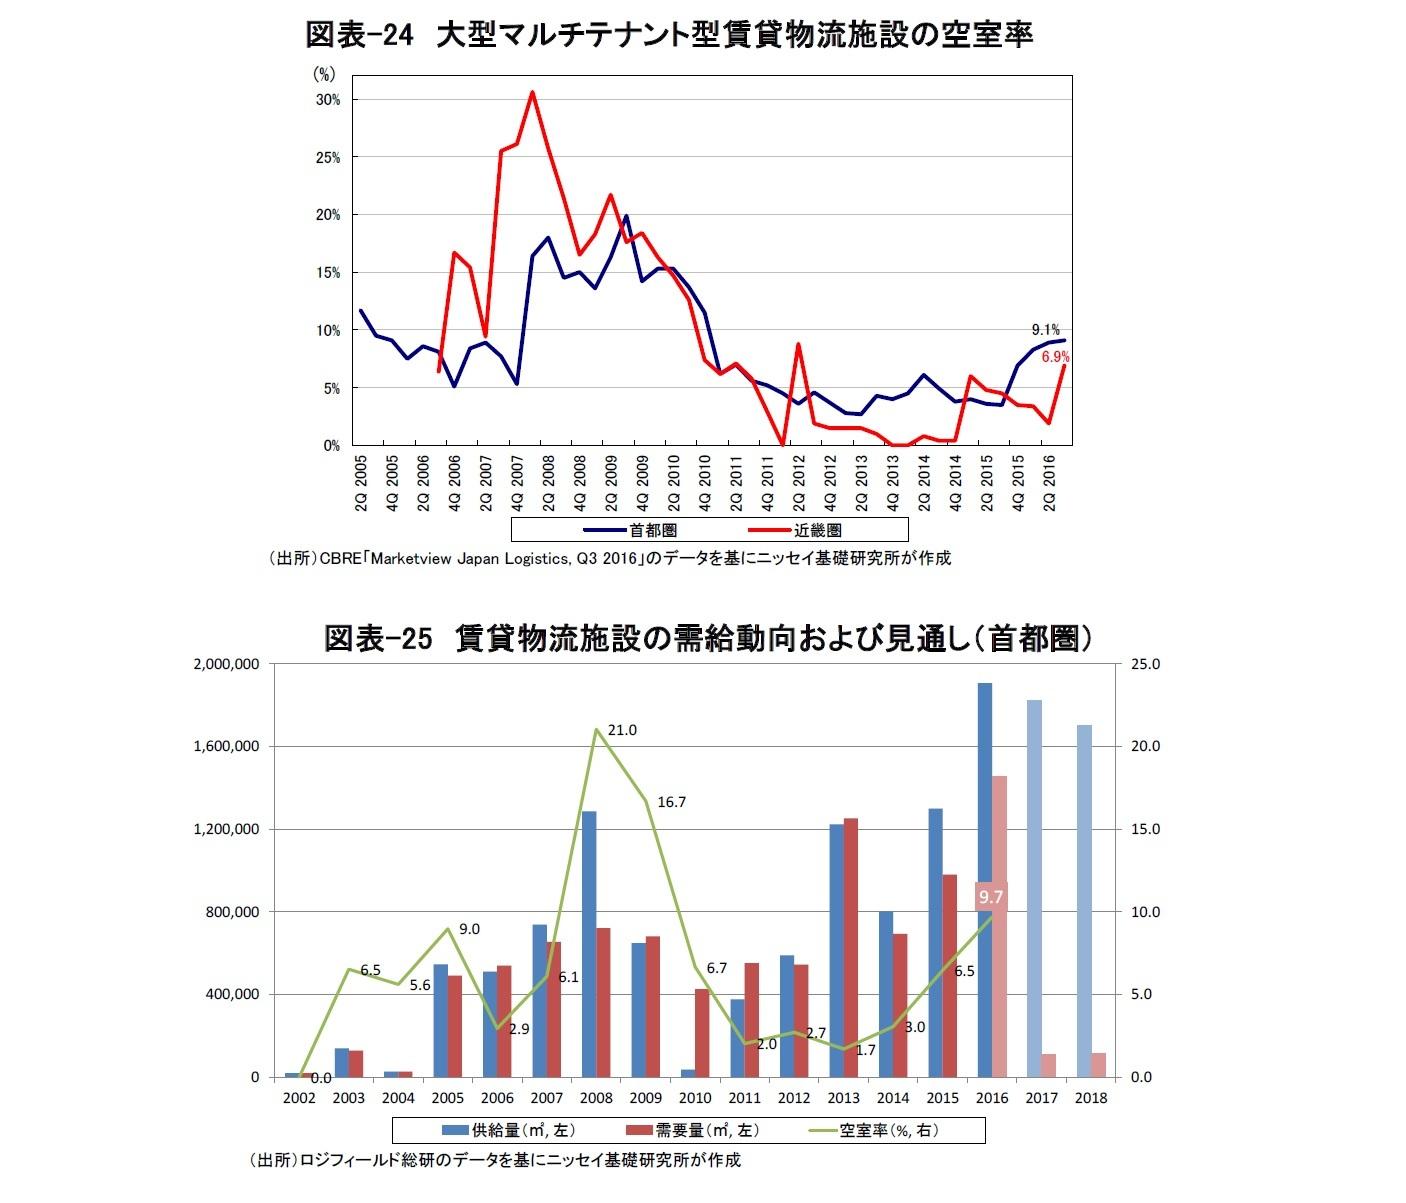 図表-24 大型マルチテナント型賃貸物流施設の空室率/図表-25 賃貸物流施設の需給動向および見通し(首都圏)